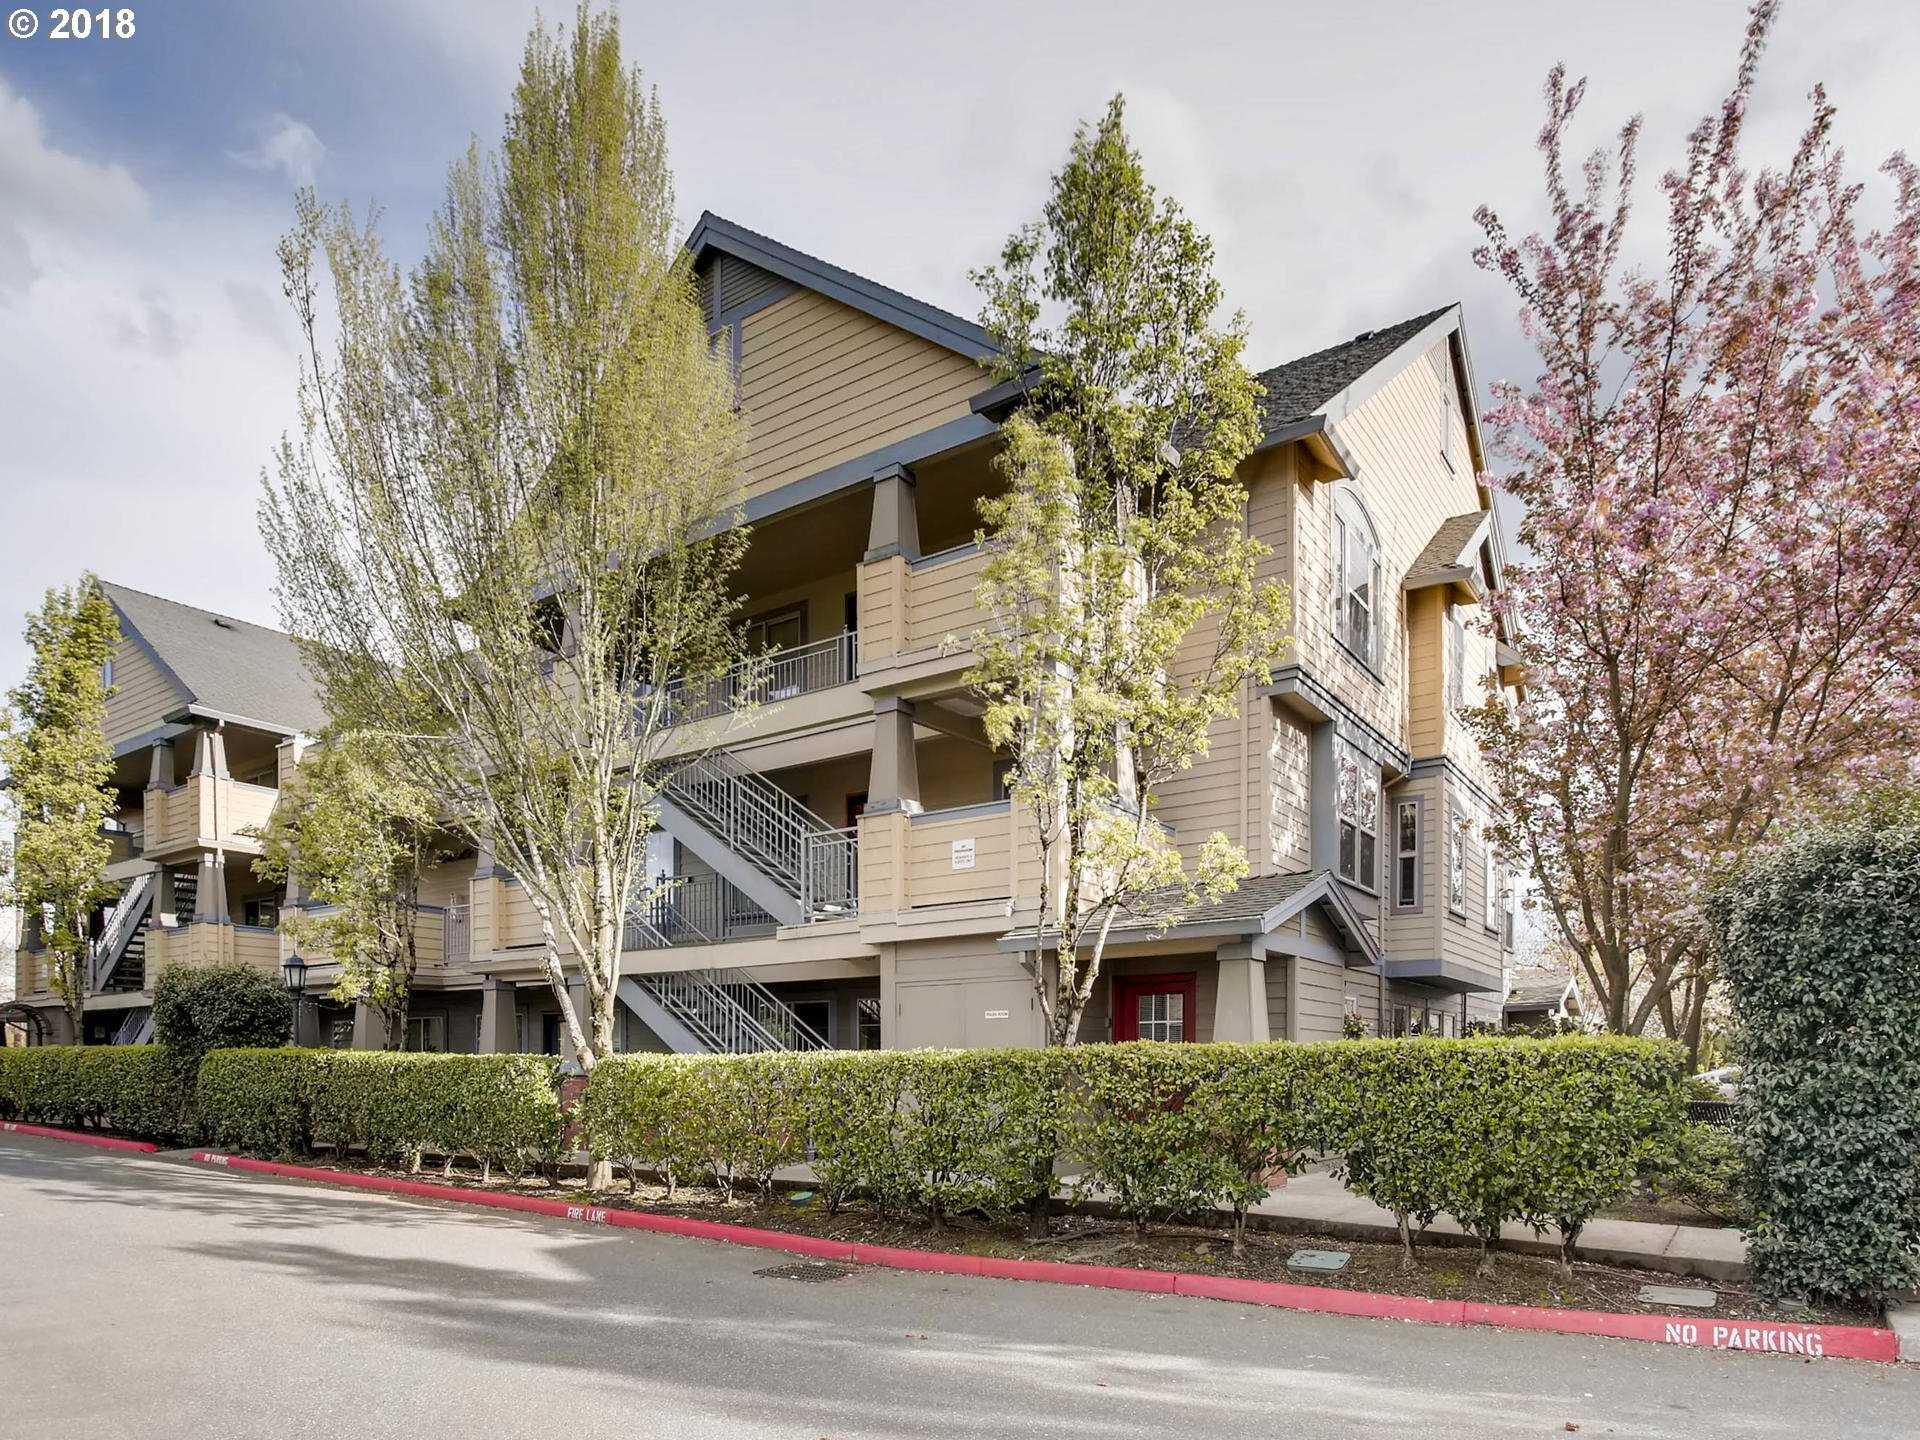 $170,000 - 2Br/1Ba -  for Sale in Hazelwood, Portland